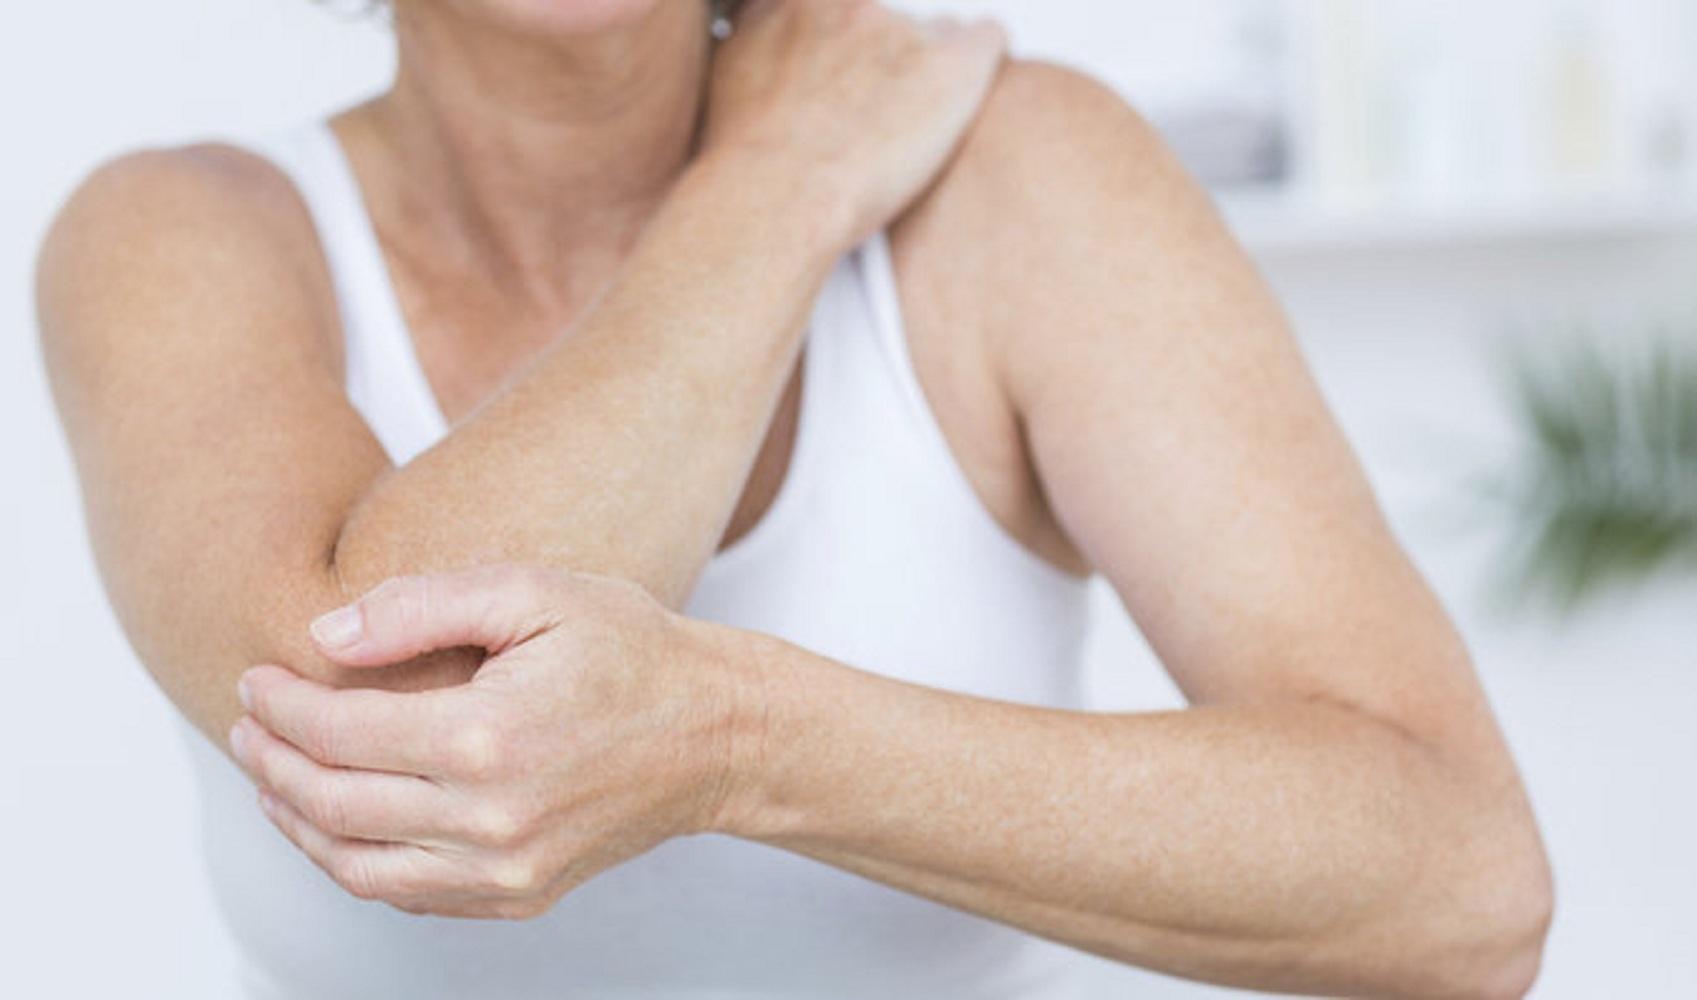 dureri articulare la coate cum să tratezi cupon de tratament comun